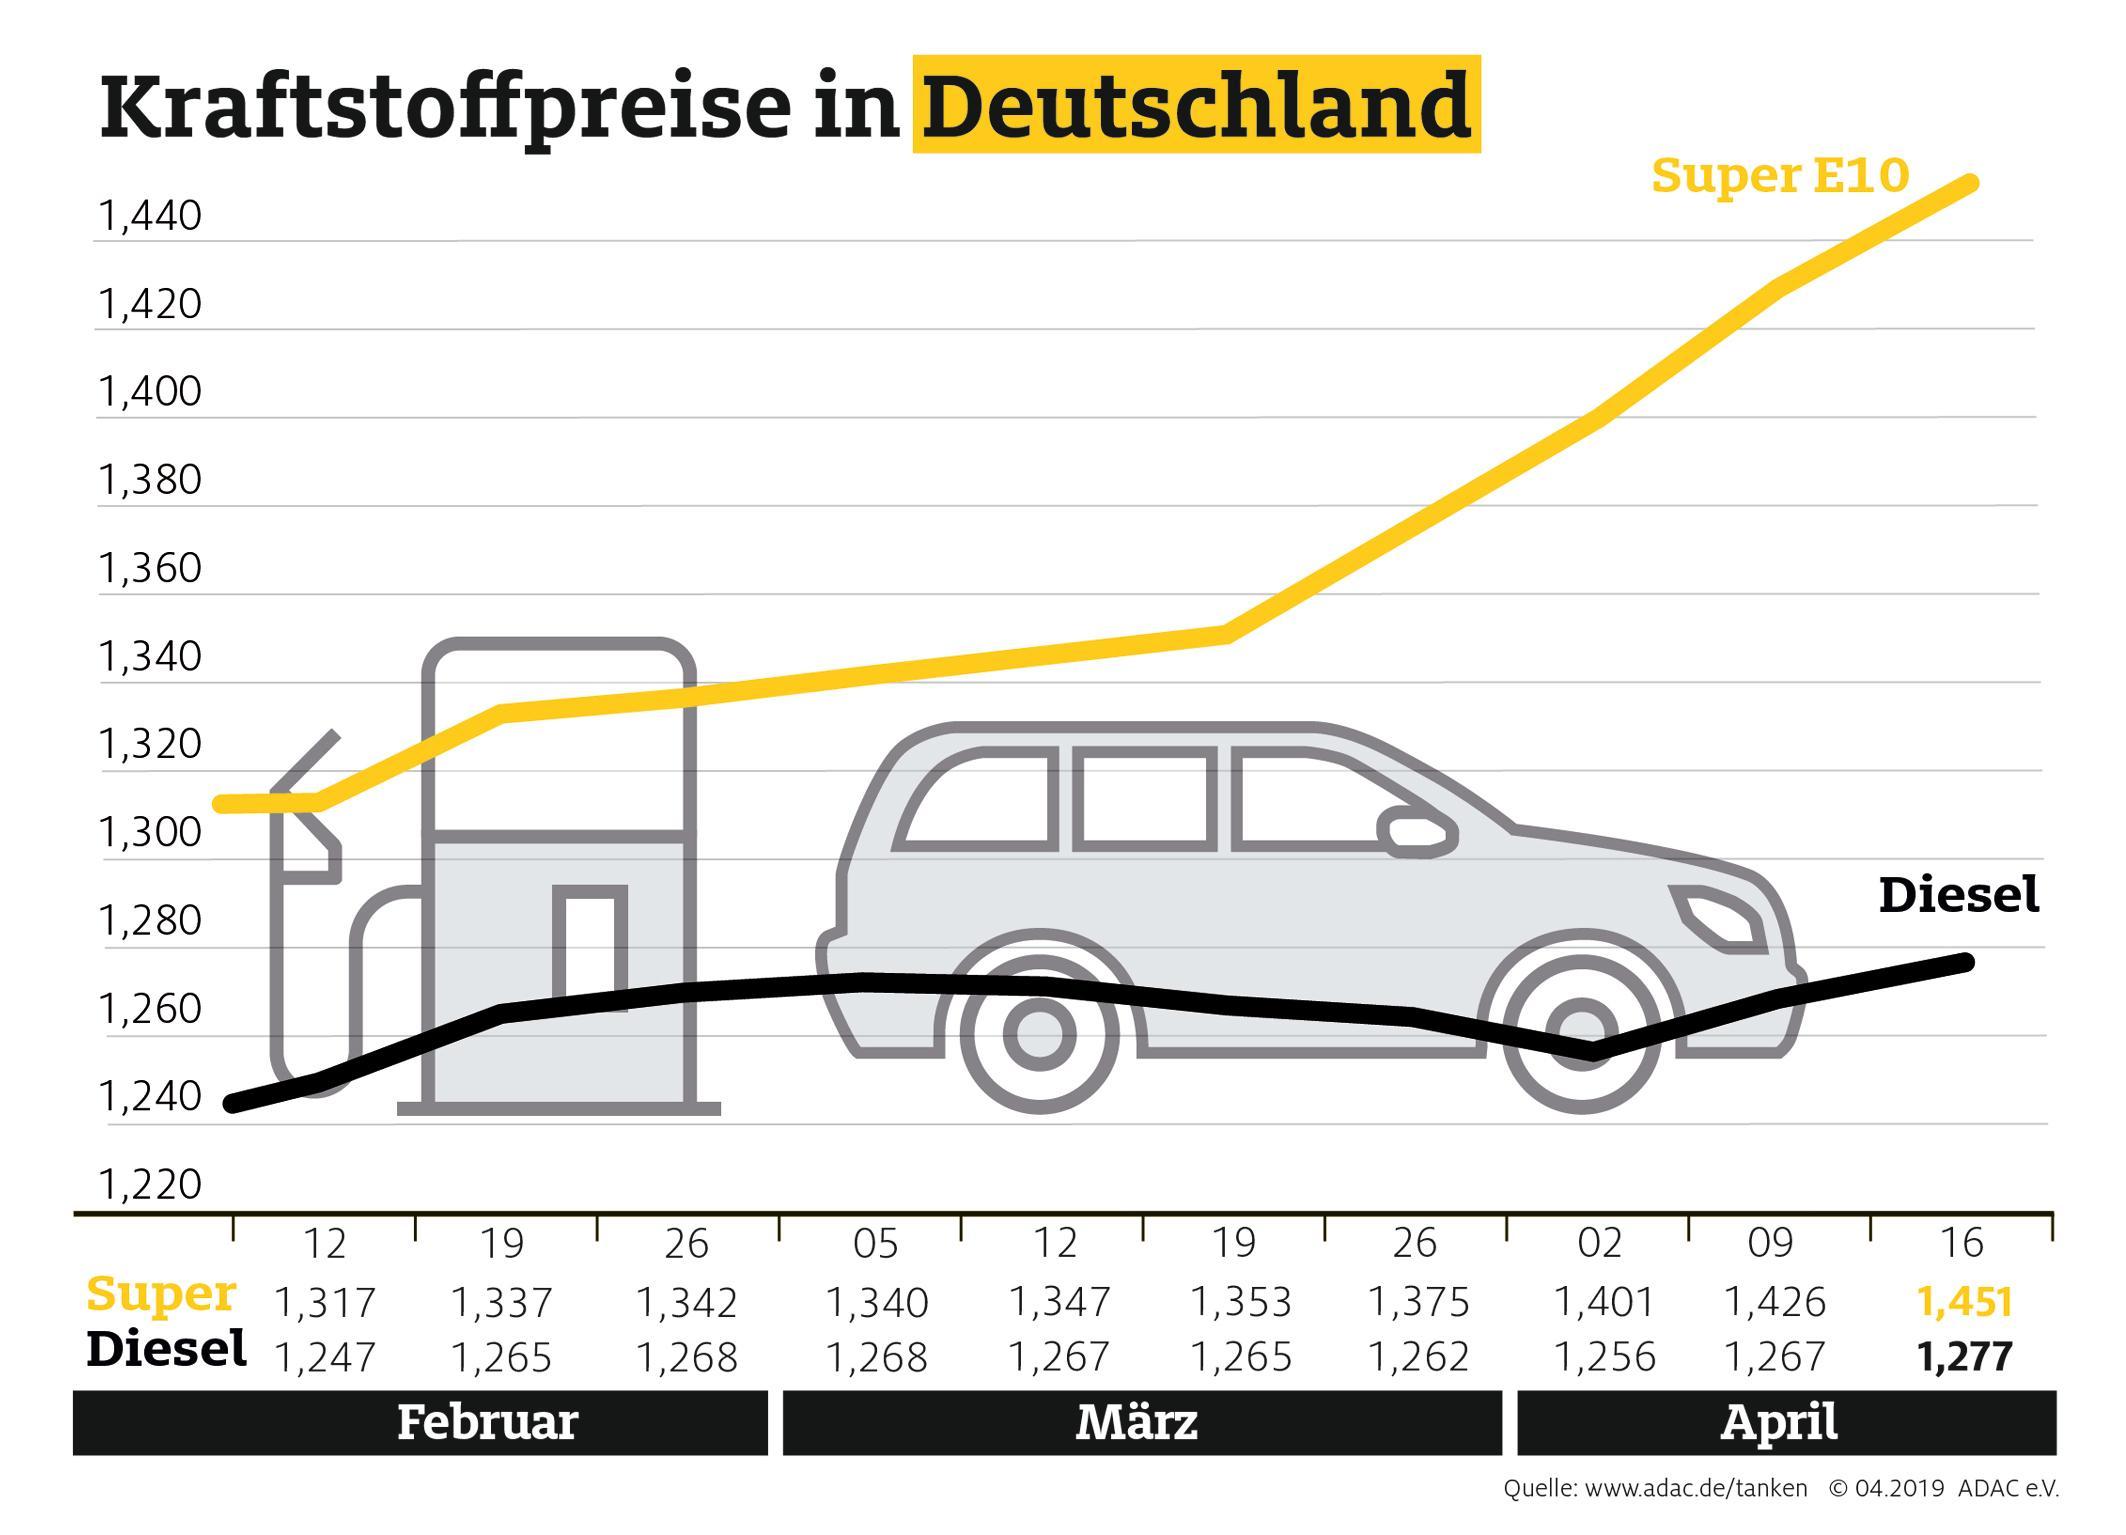 Ostern = hohe Benzinpreise wie jedes Jahr